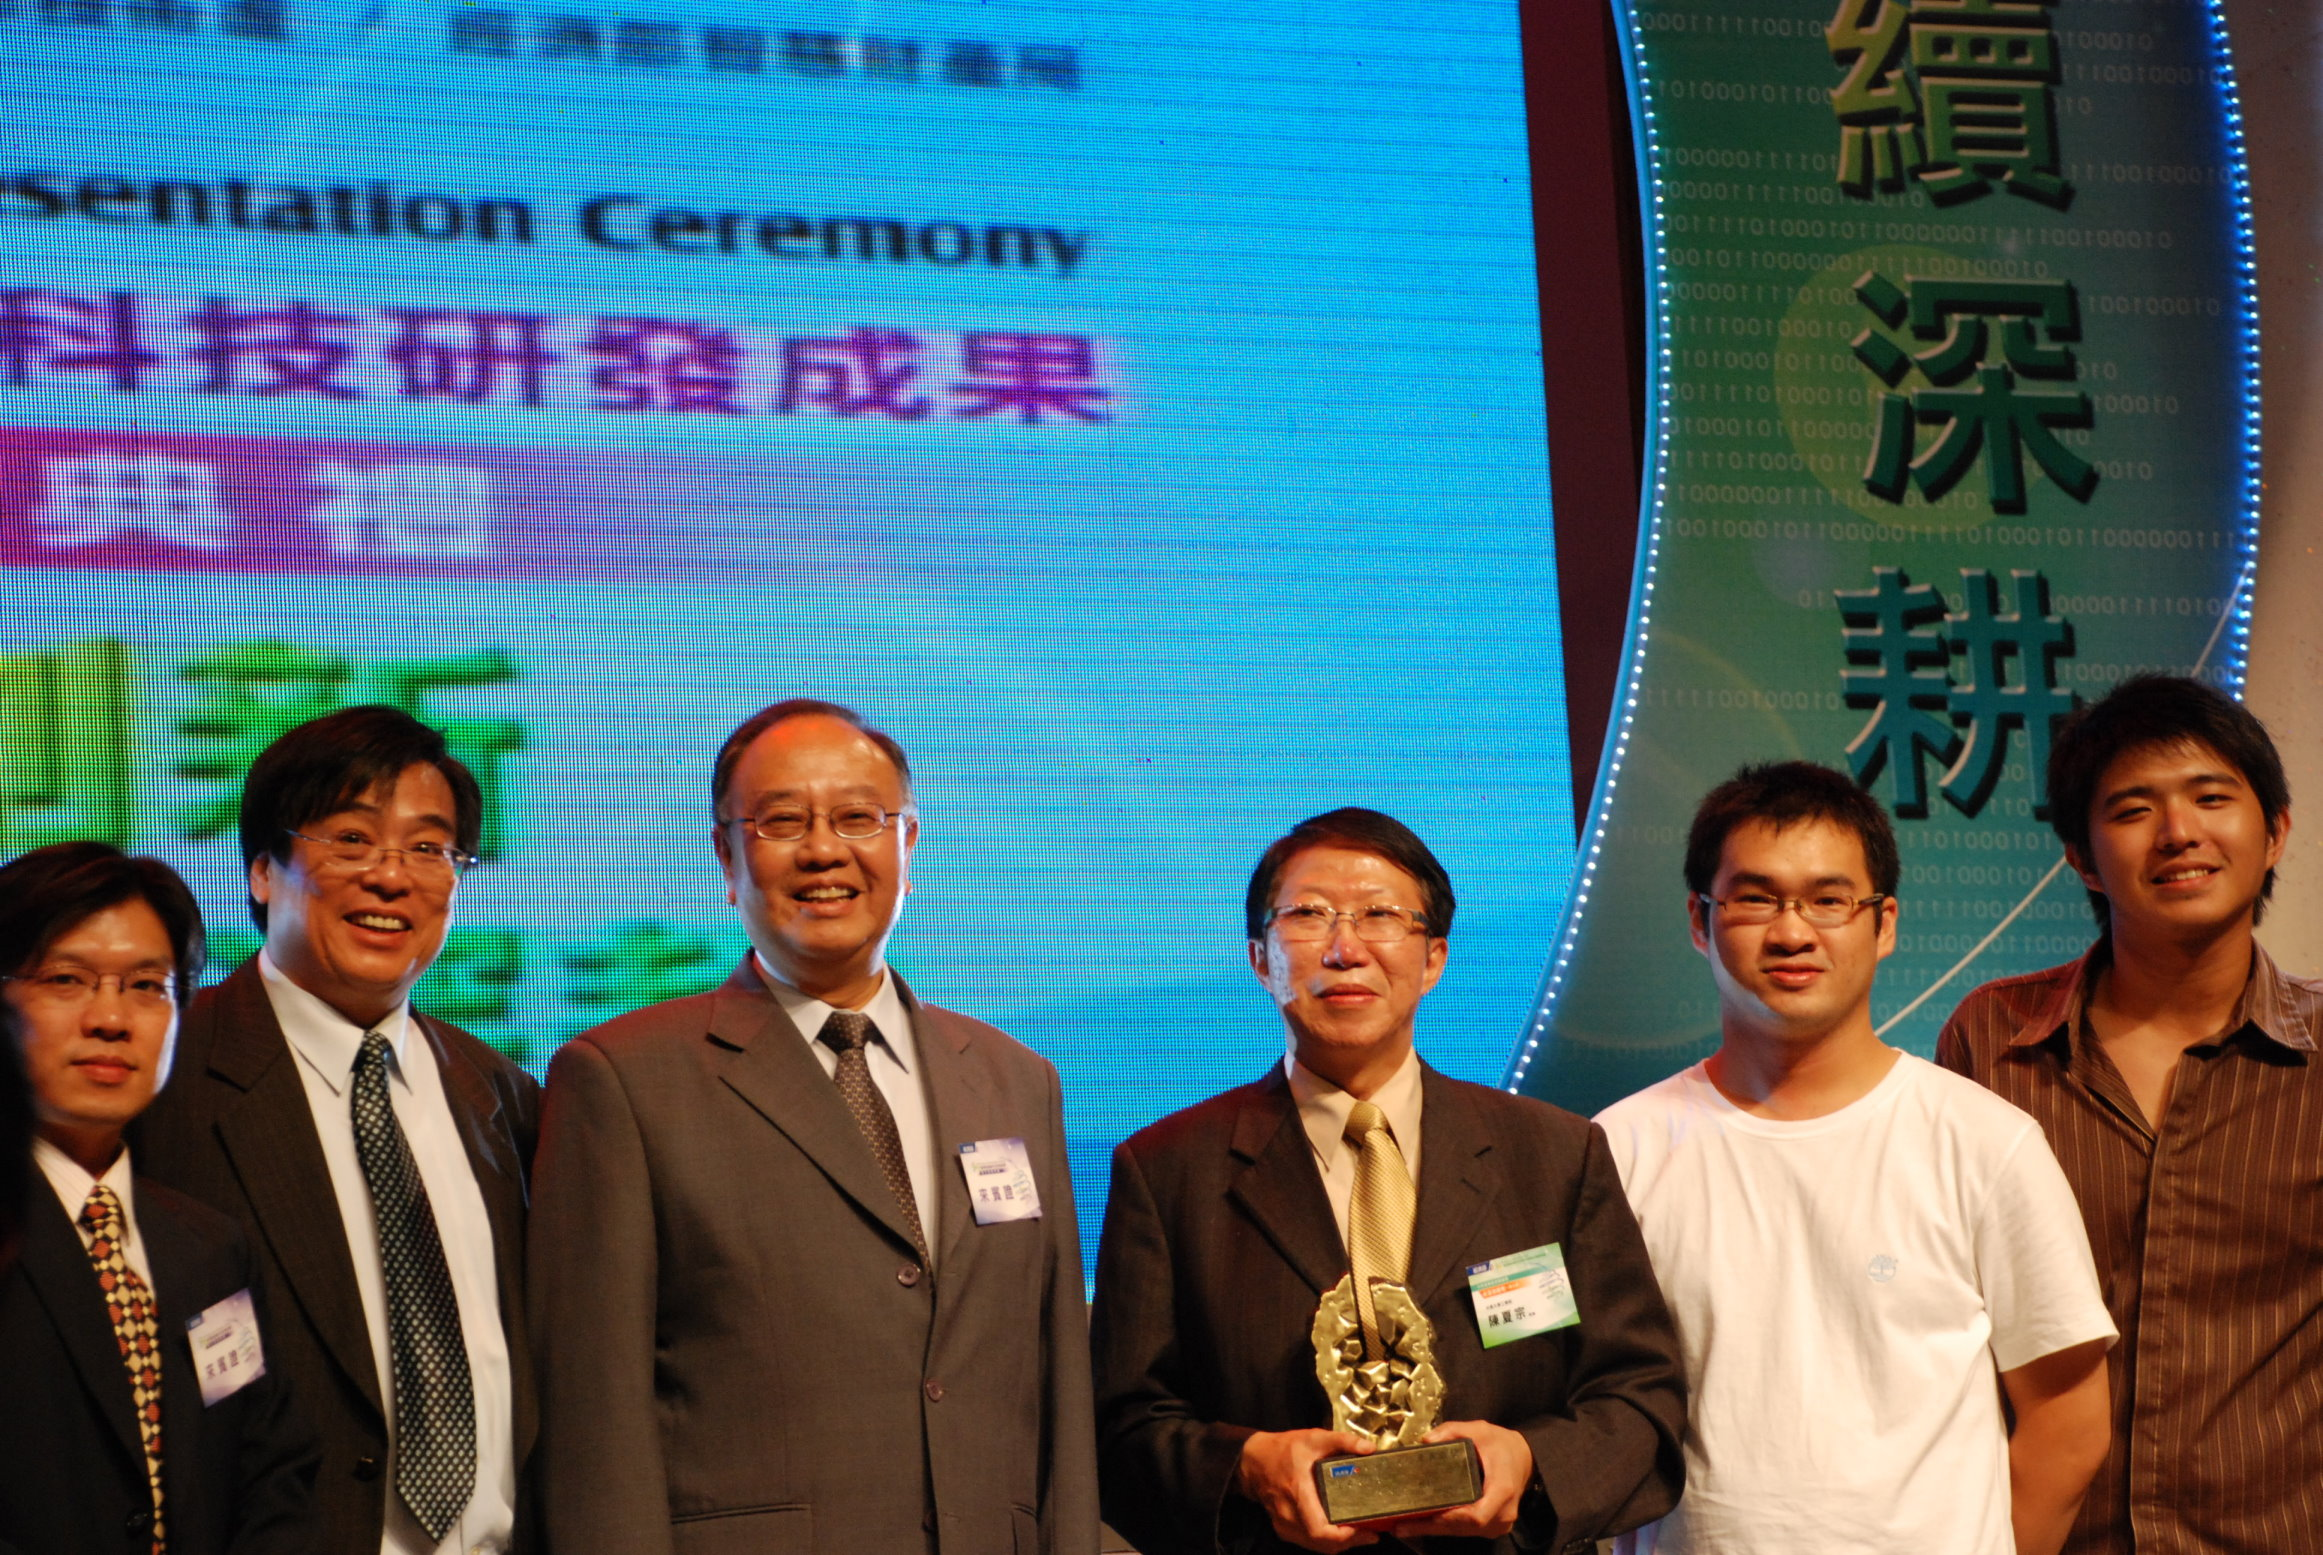 賀!工學院陳夏宗院長榮獲經濟部97年「大學產業經濟貢獻獎」